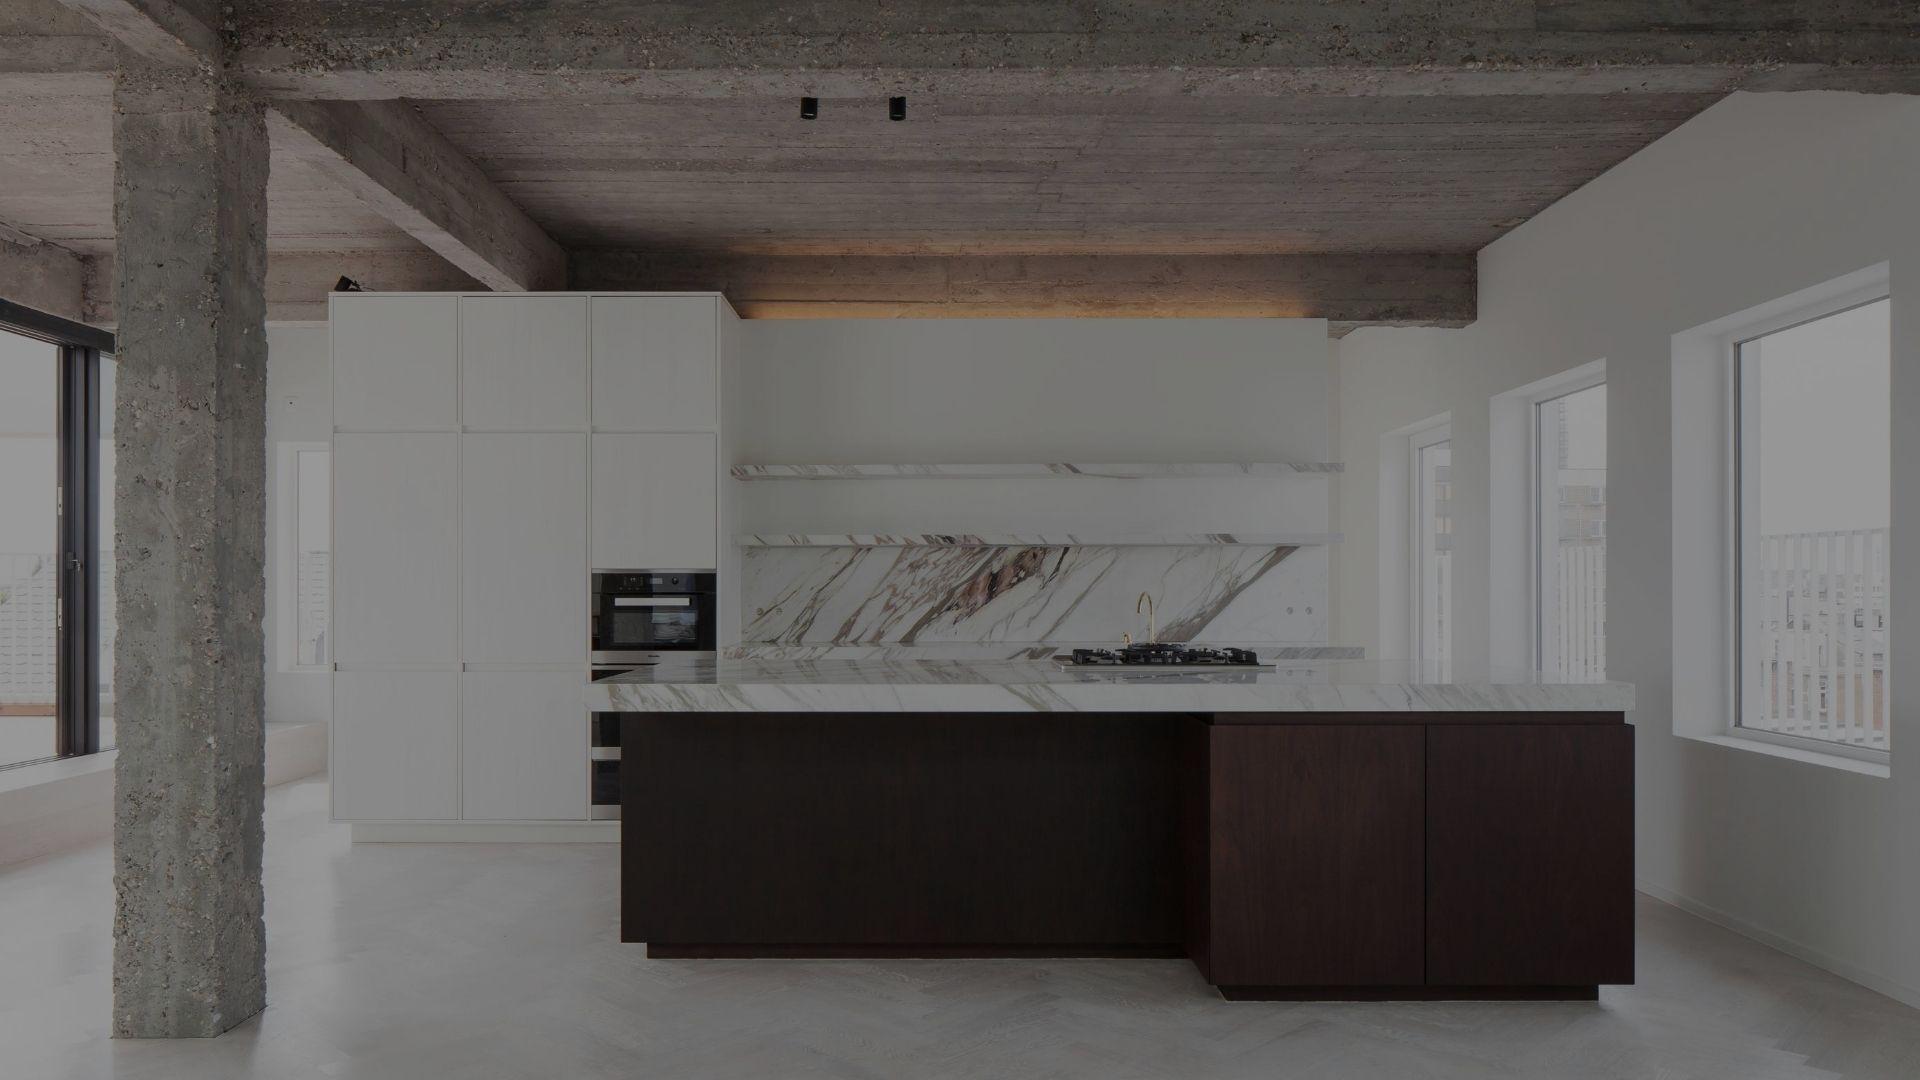 ceulemans meubelmakerij schrijnwerkerij lier keuken wit